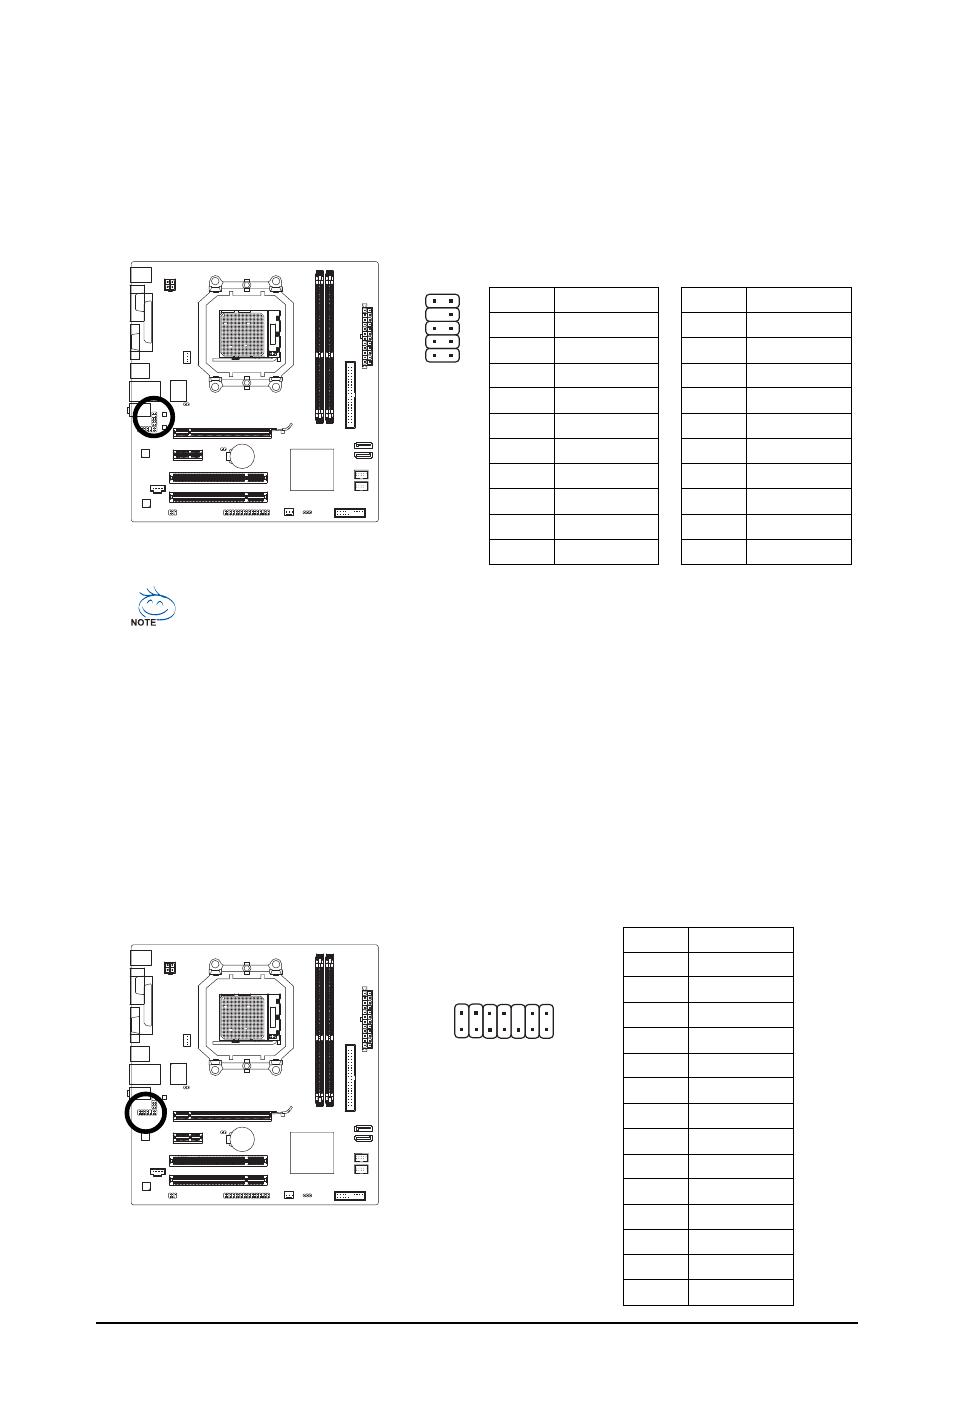 11) f_audio (front panel audio header), 12) hda_sur (surround/center